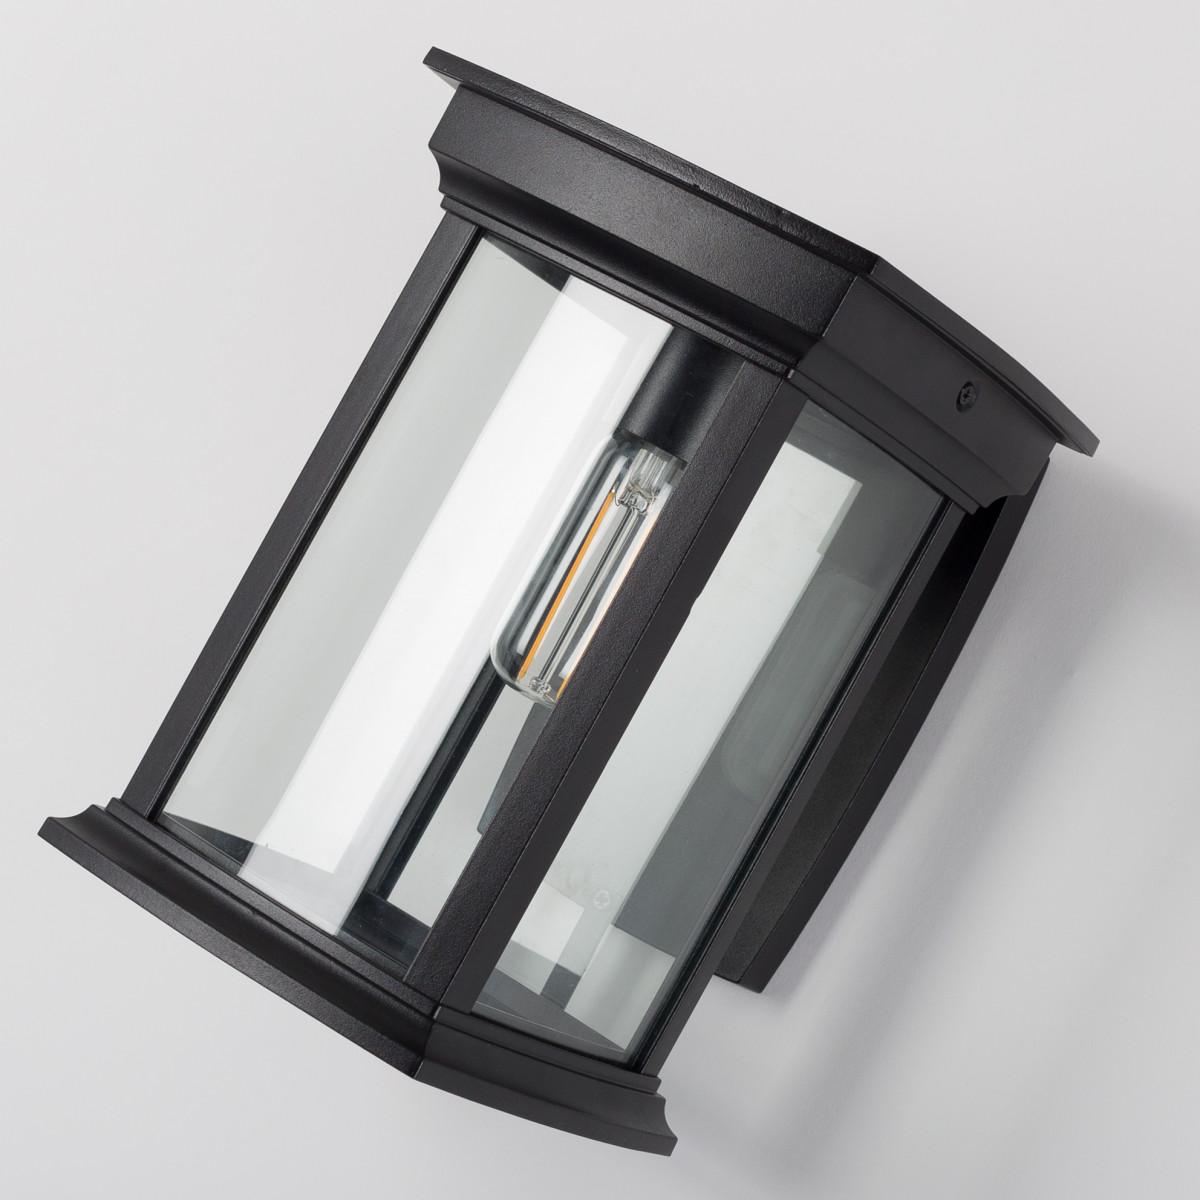 Verlichting voor buiten aan de wand, strak klassiek zwart rechthoekig frame op steun, vierkante wandplaat, lichtbron zichtbaar, klassiek box design wandlamp